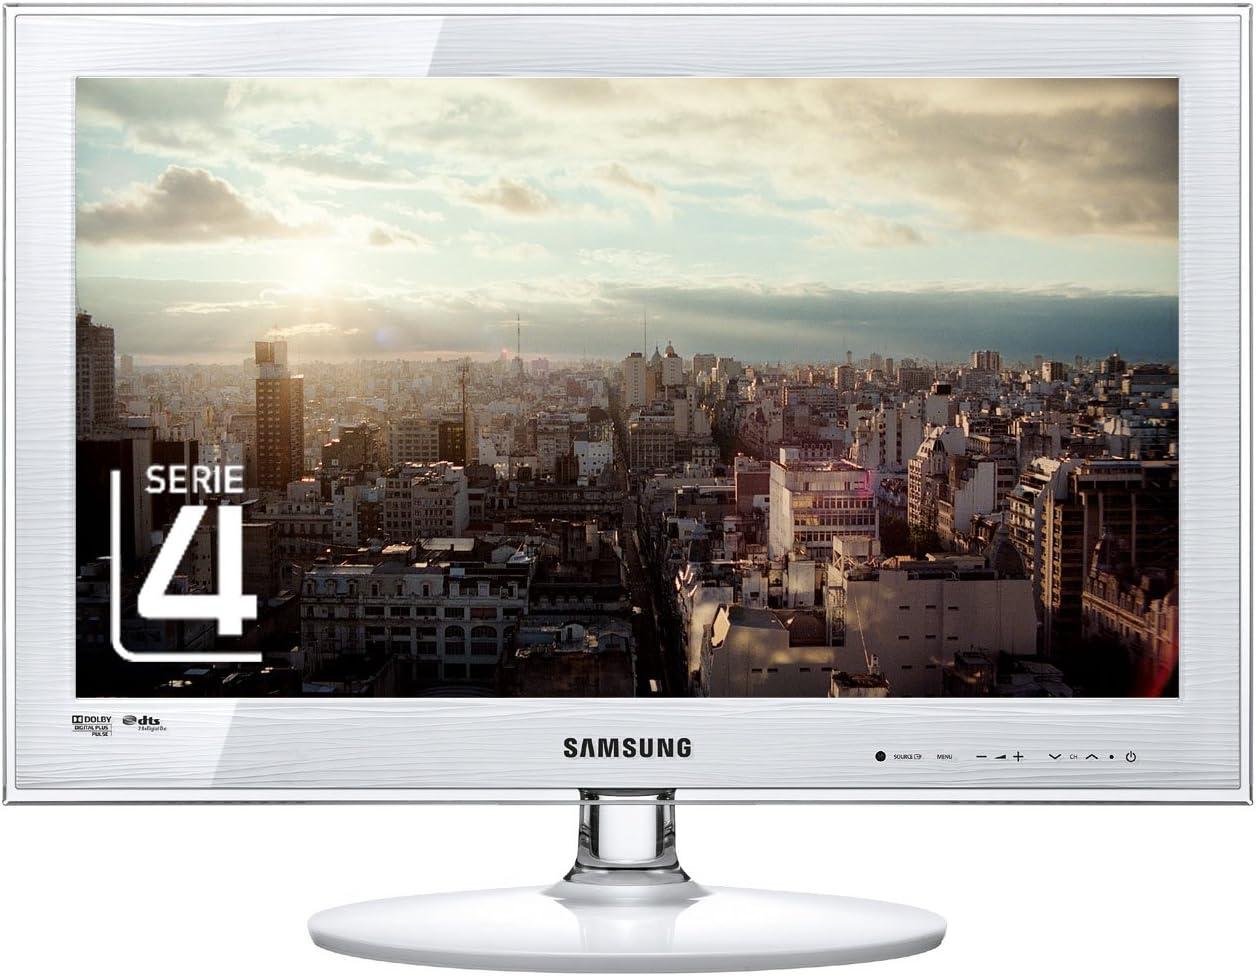 Samsung UE22C4010PWZXG - Televisión, Pantalla 22 pulgadas: Amazon ...